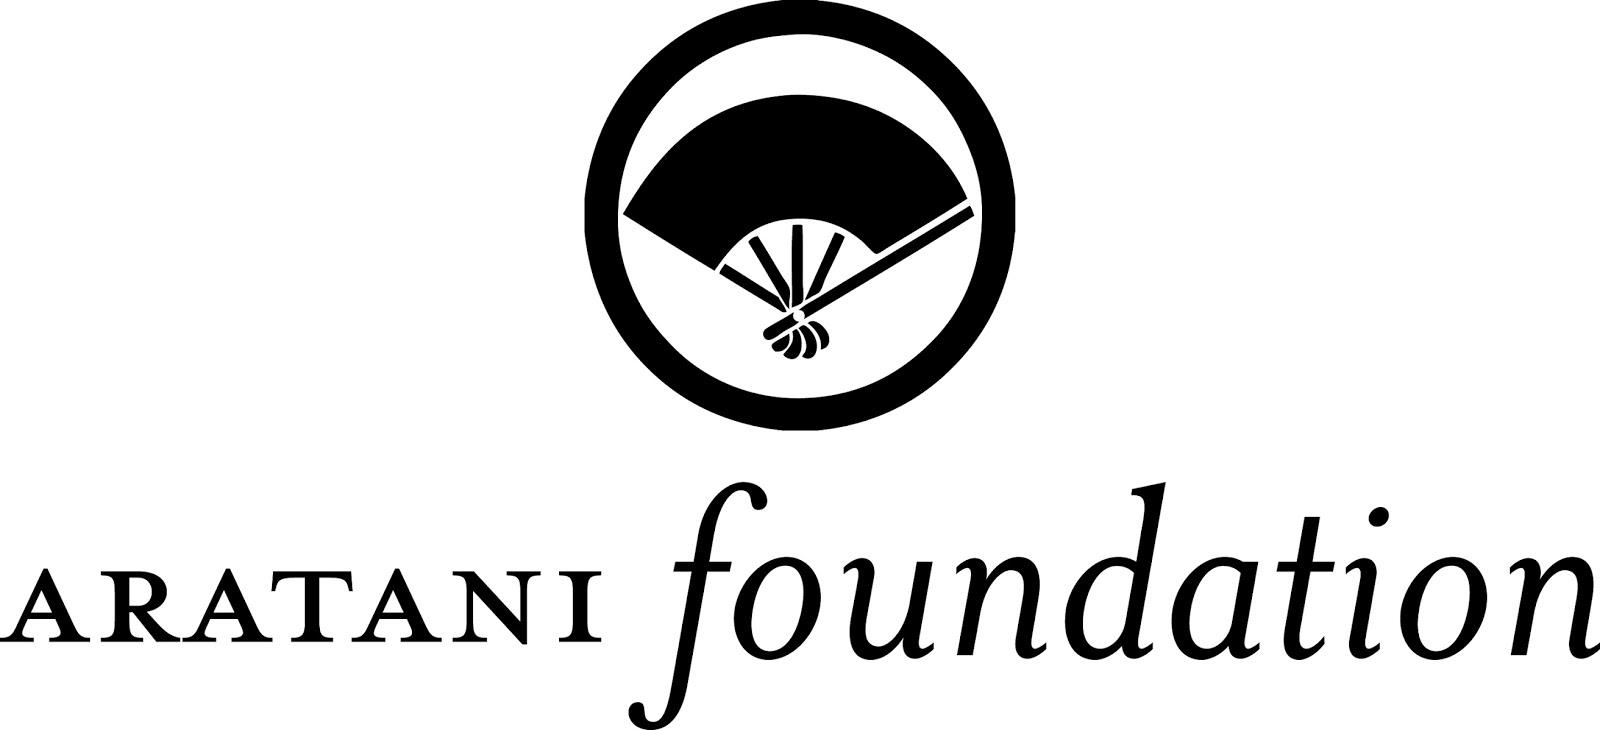 Aratani Foundation logo